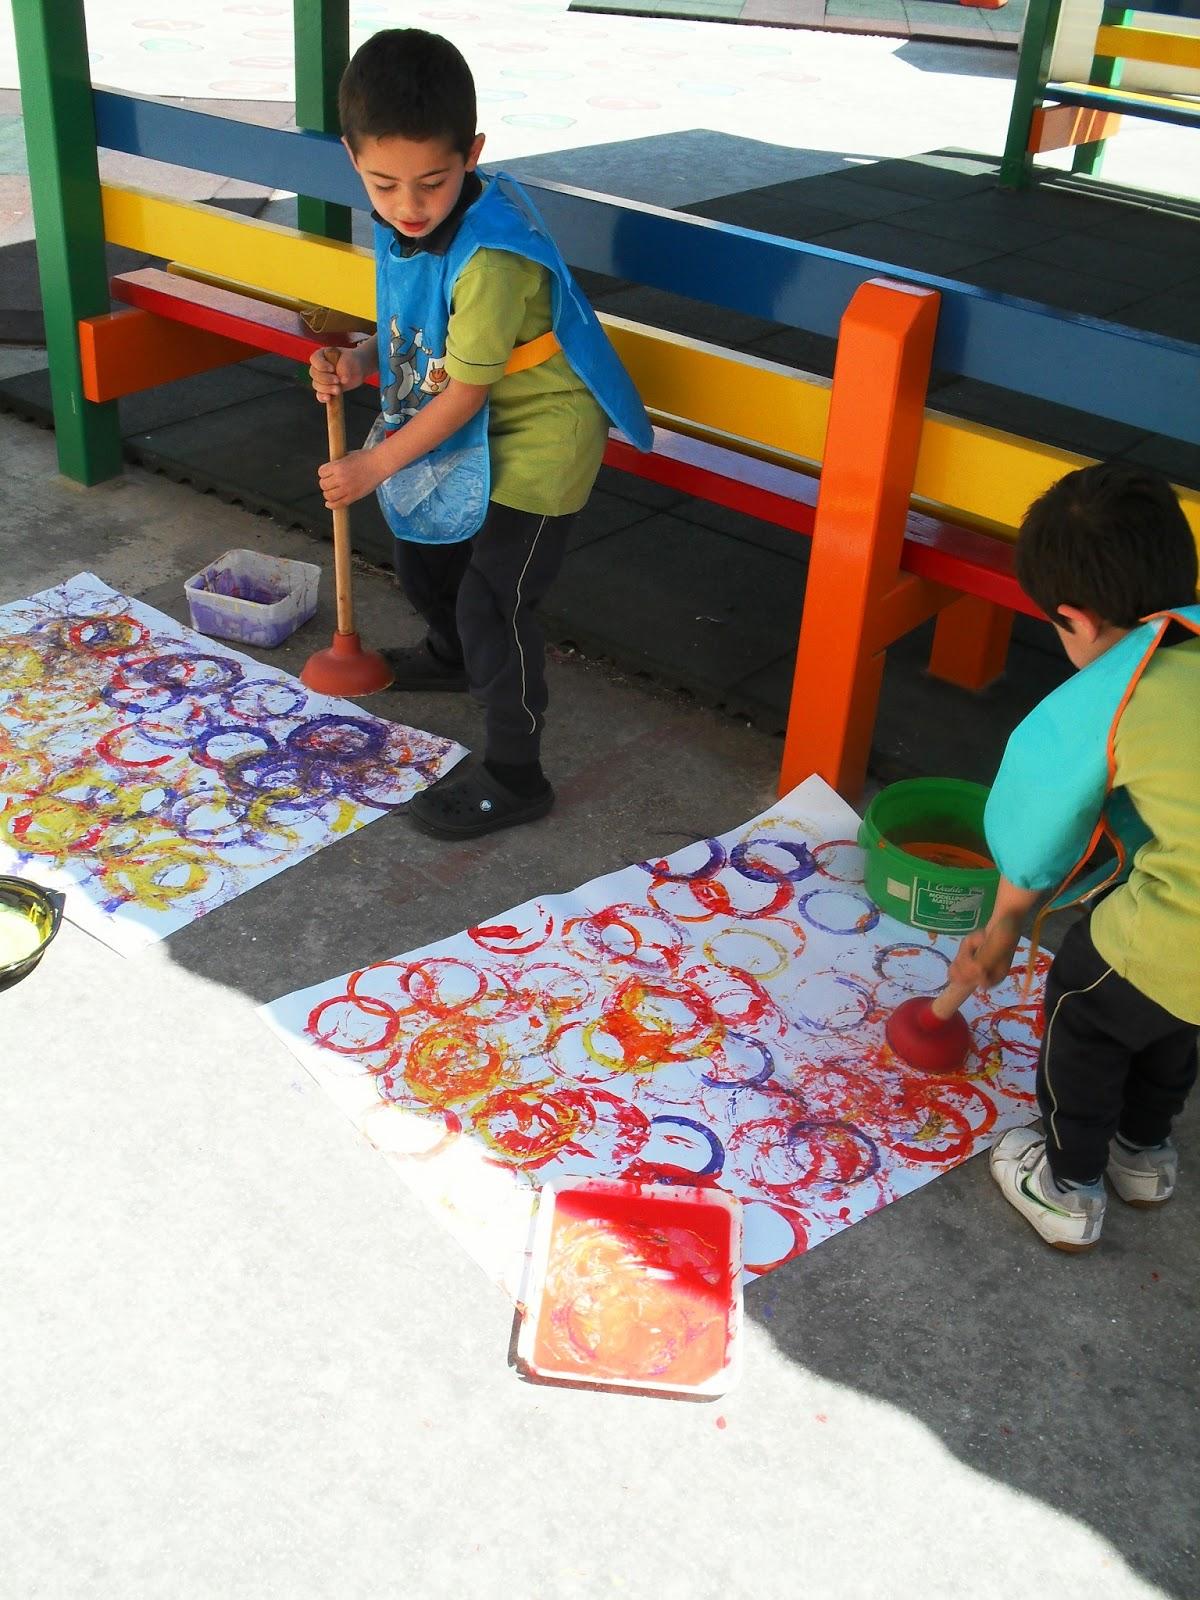 Kindergarten 2.1: Outdoor Play